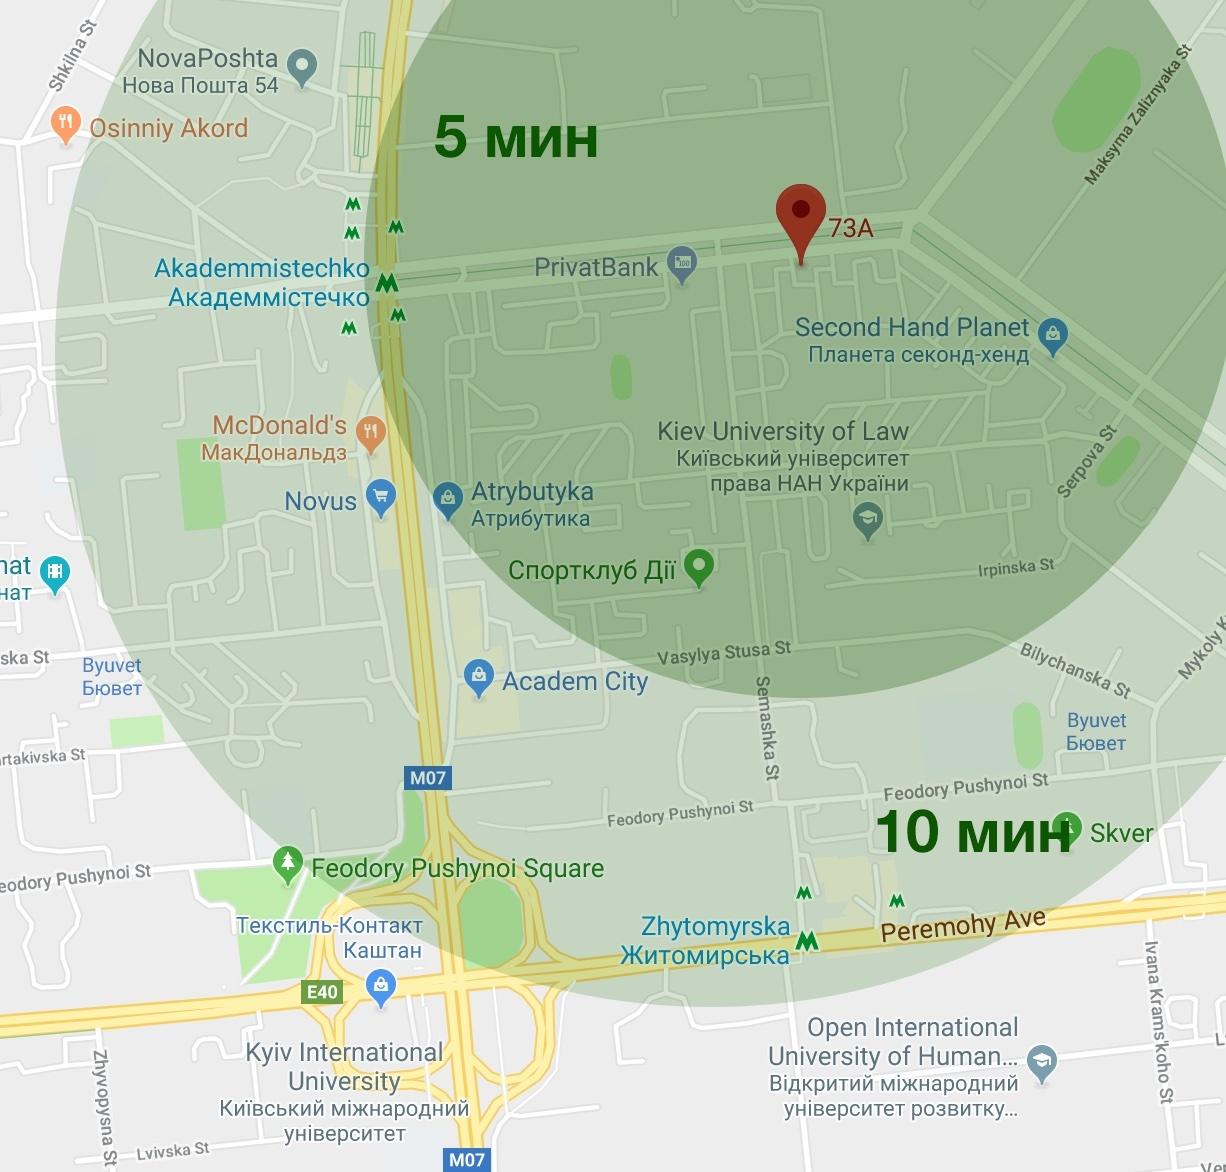 Продам ? 2 к, г. Киев                               в р-не Святошино возле м. <strong>Академгородок</strong>                                  фото